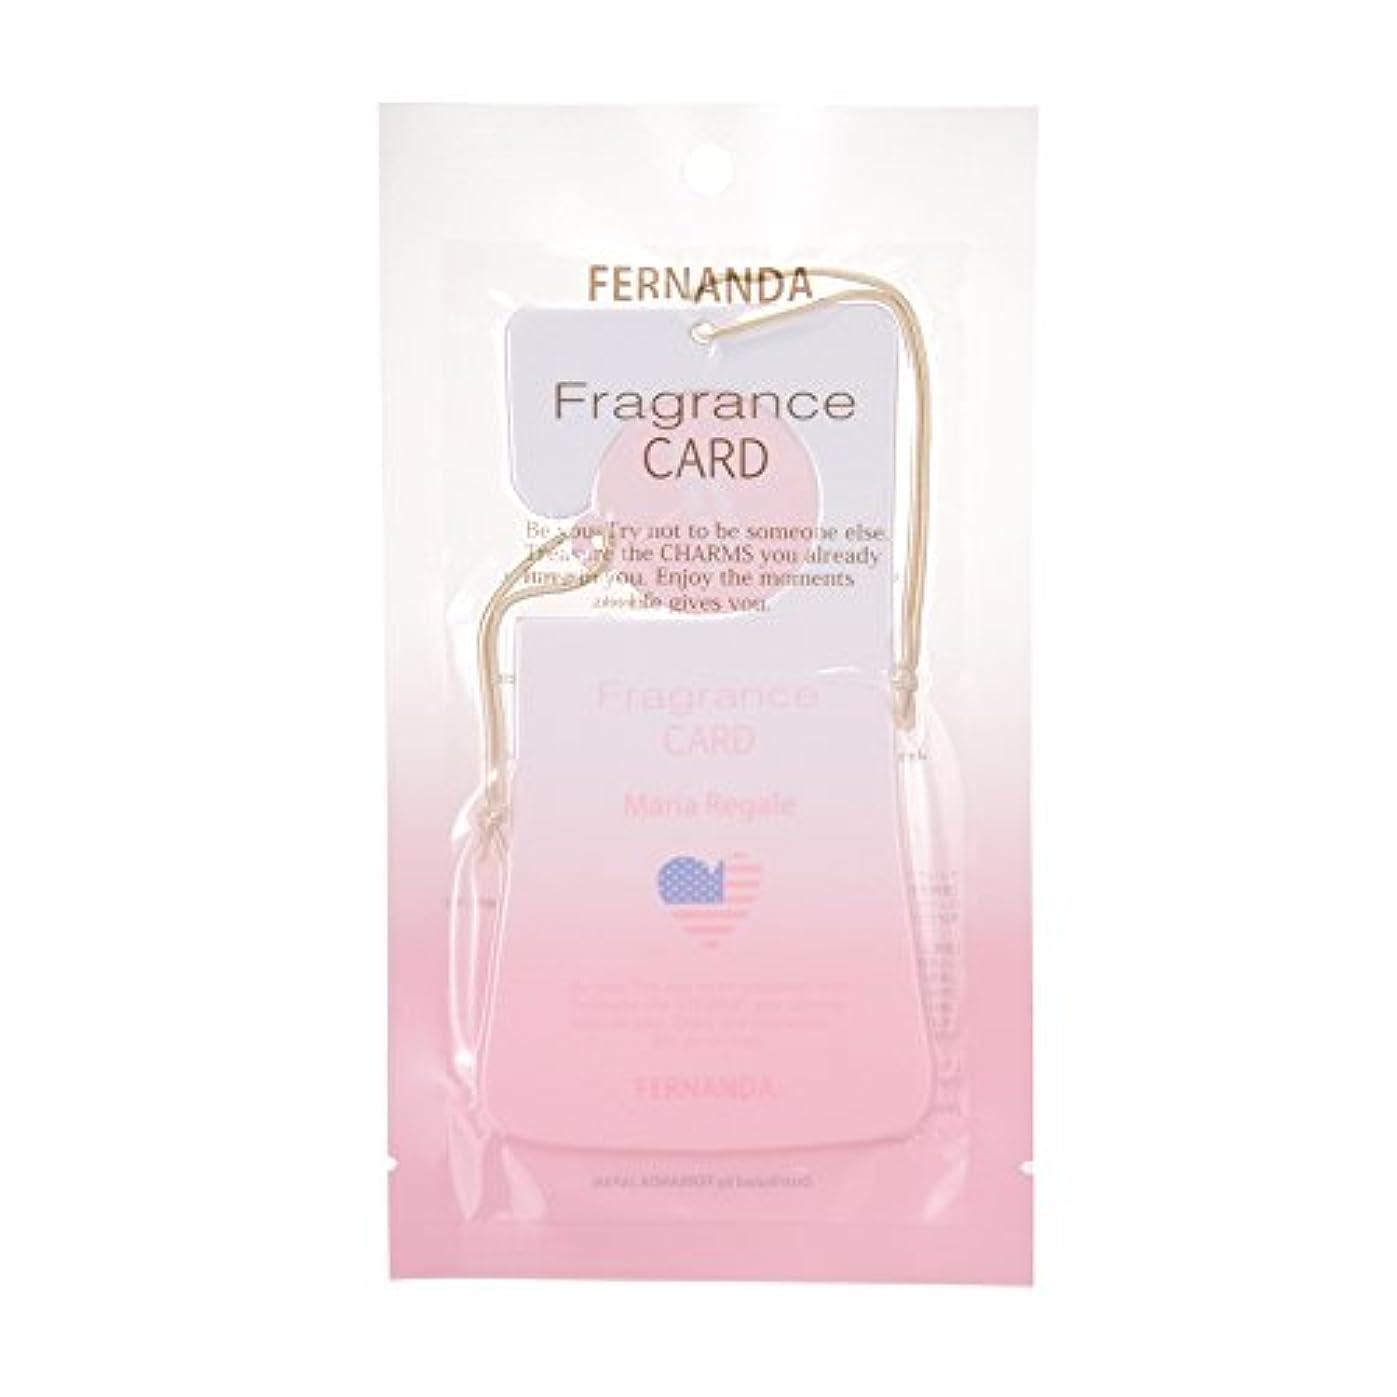 セラー拍手する仮定FERNANDA(フェルナンダ) Fragrance Card Maria Regale (フレグランスカード マリアリゲル)